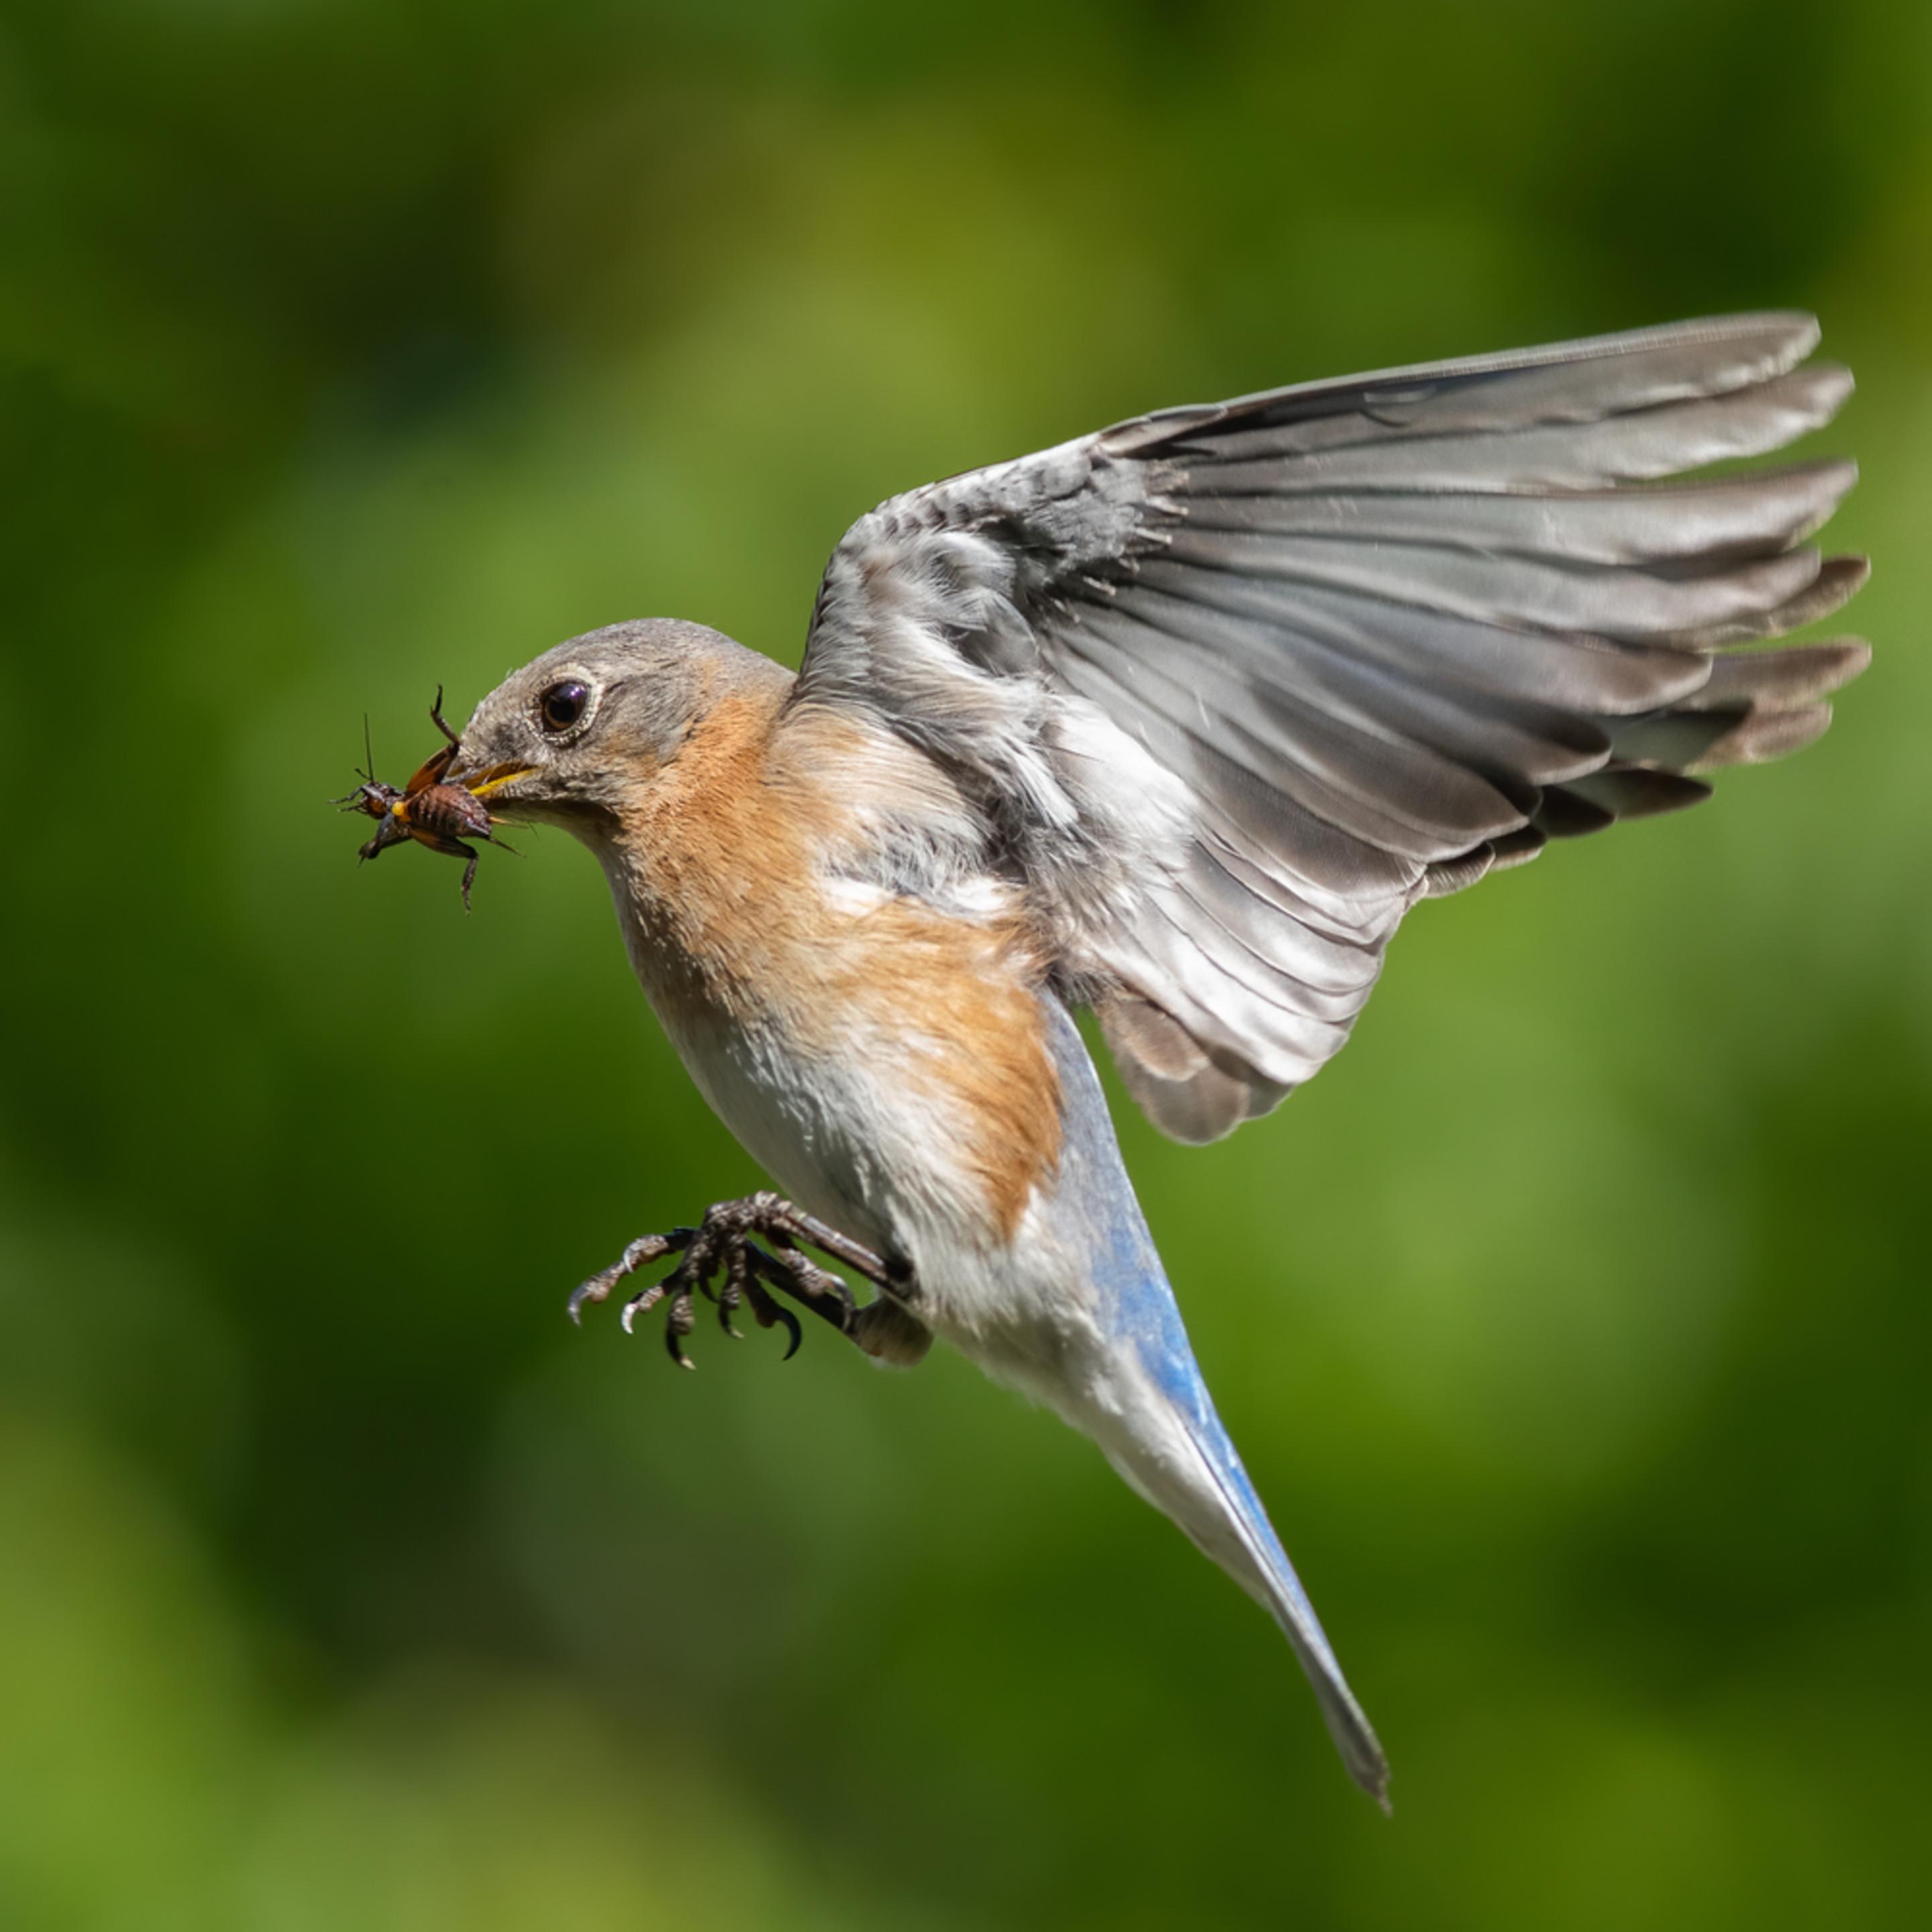 Forsyth county nc bluebird insect cuda3 shqcbp